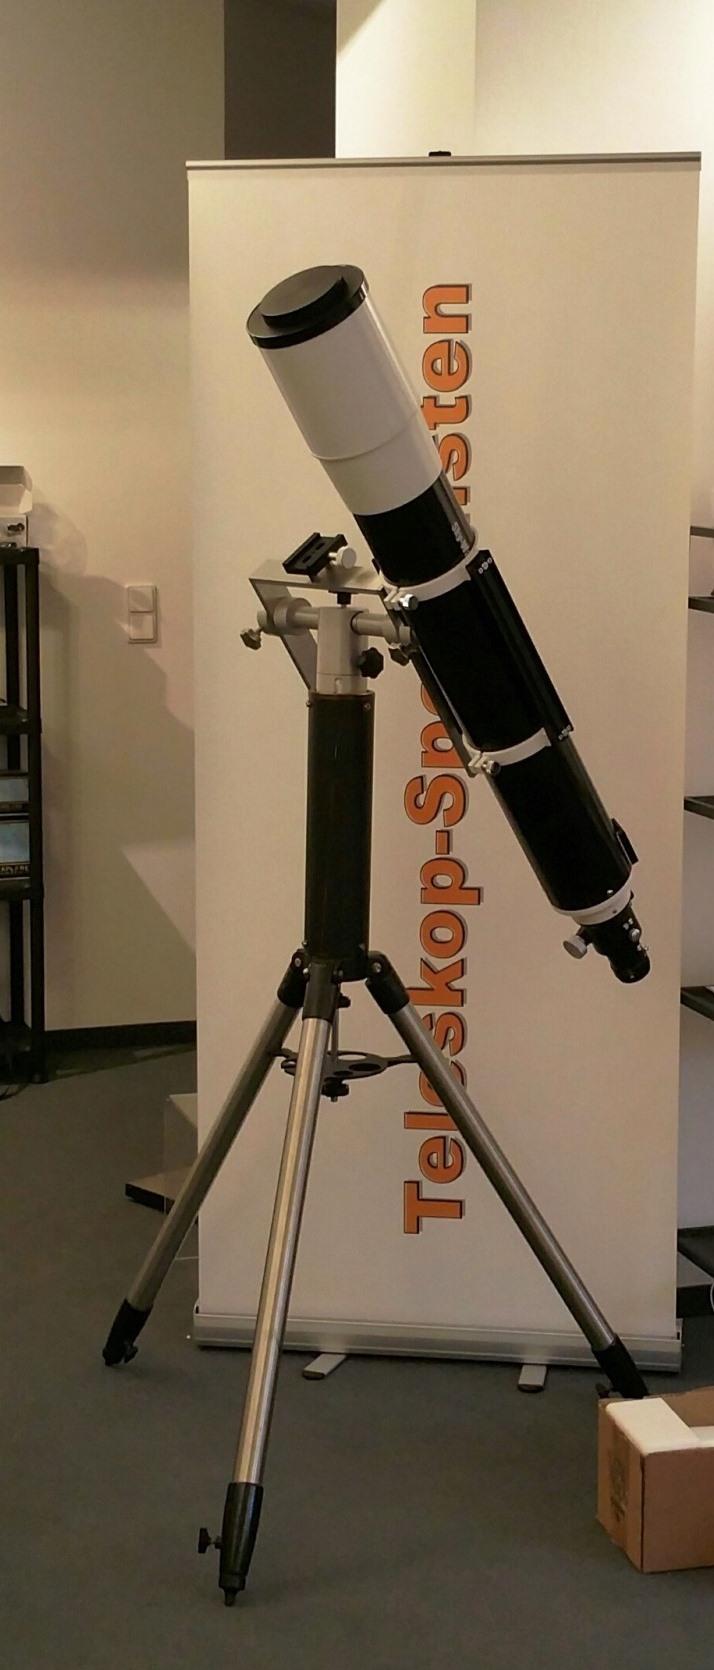 Spezialisten für Teleskope, Ferngläser in Beratung und Verkauf